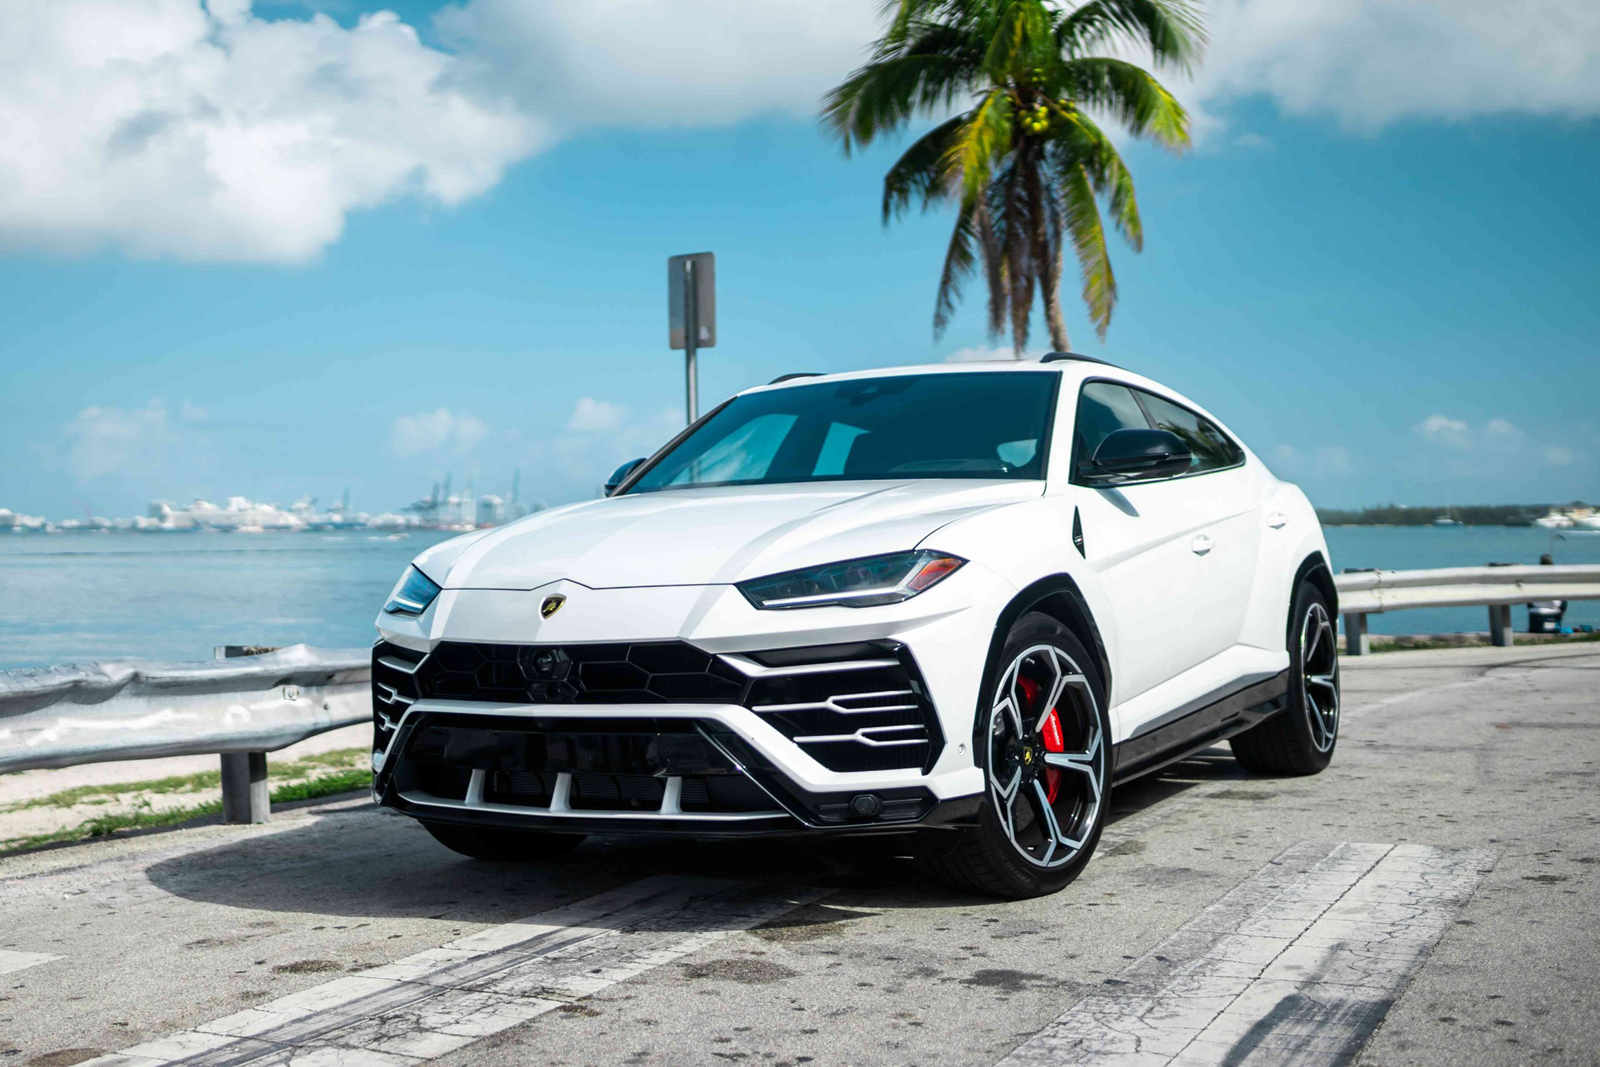 2019 Lamborghini Urus   Miami, FL